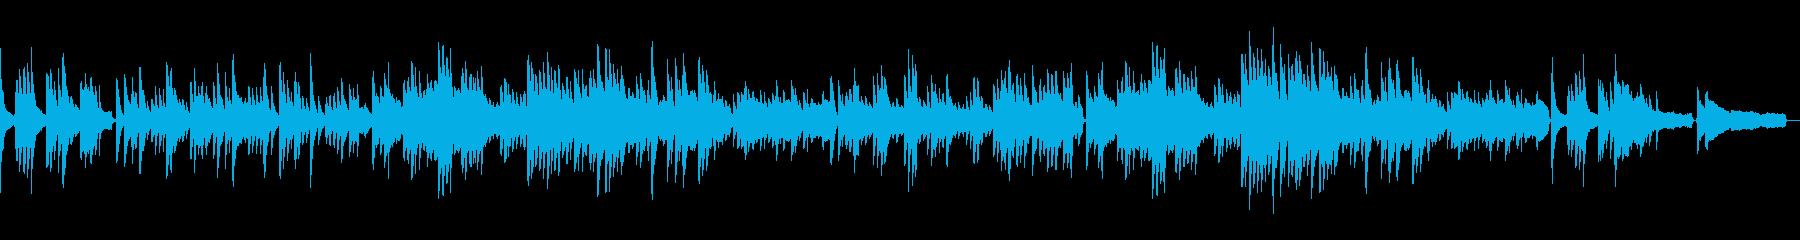 ピアノでオシャレに 別れの曲・ショパン1の再生済みの波形